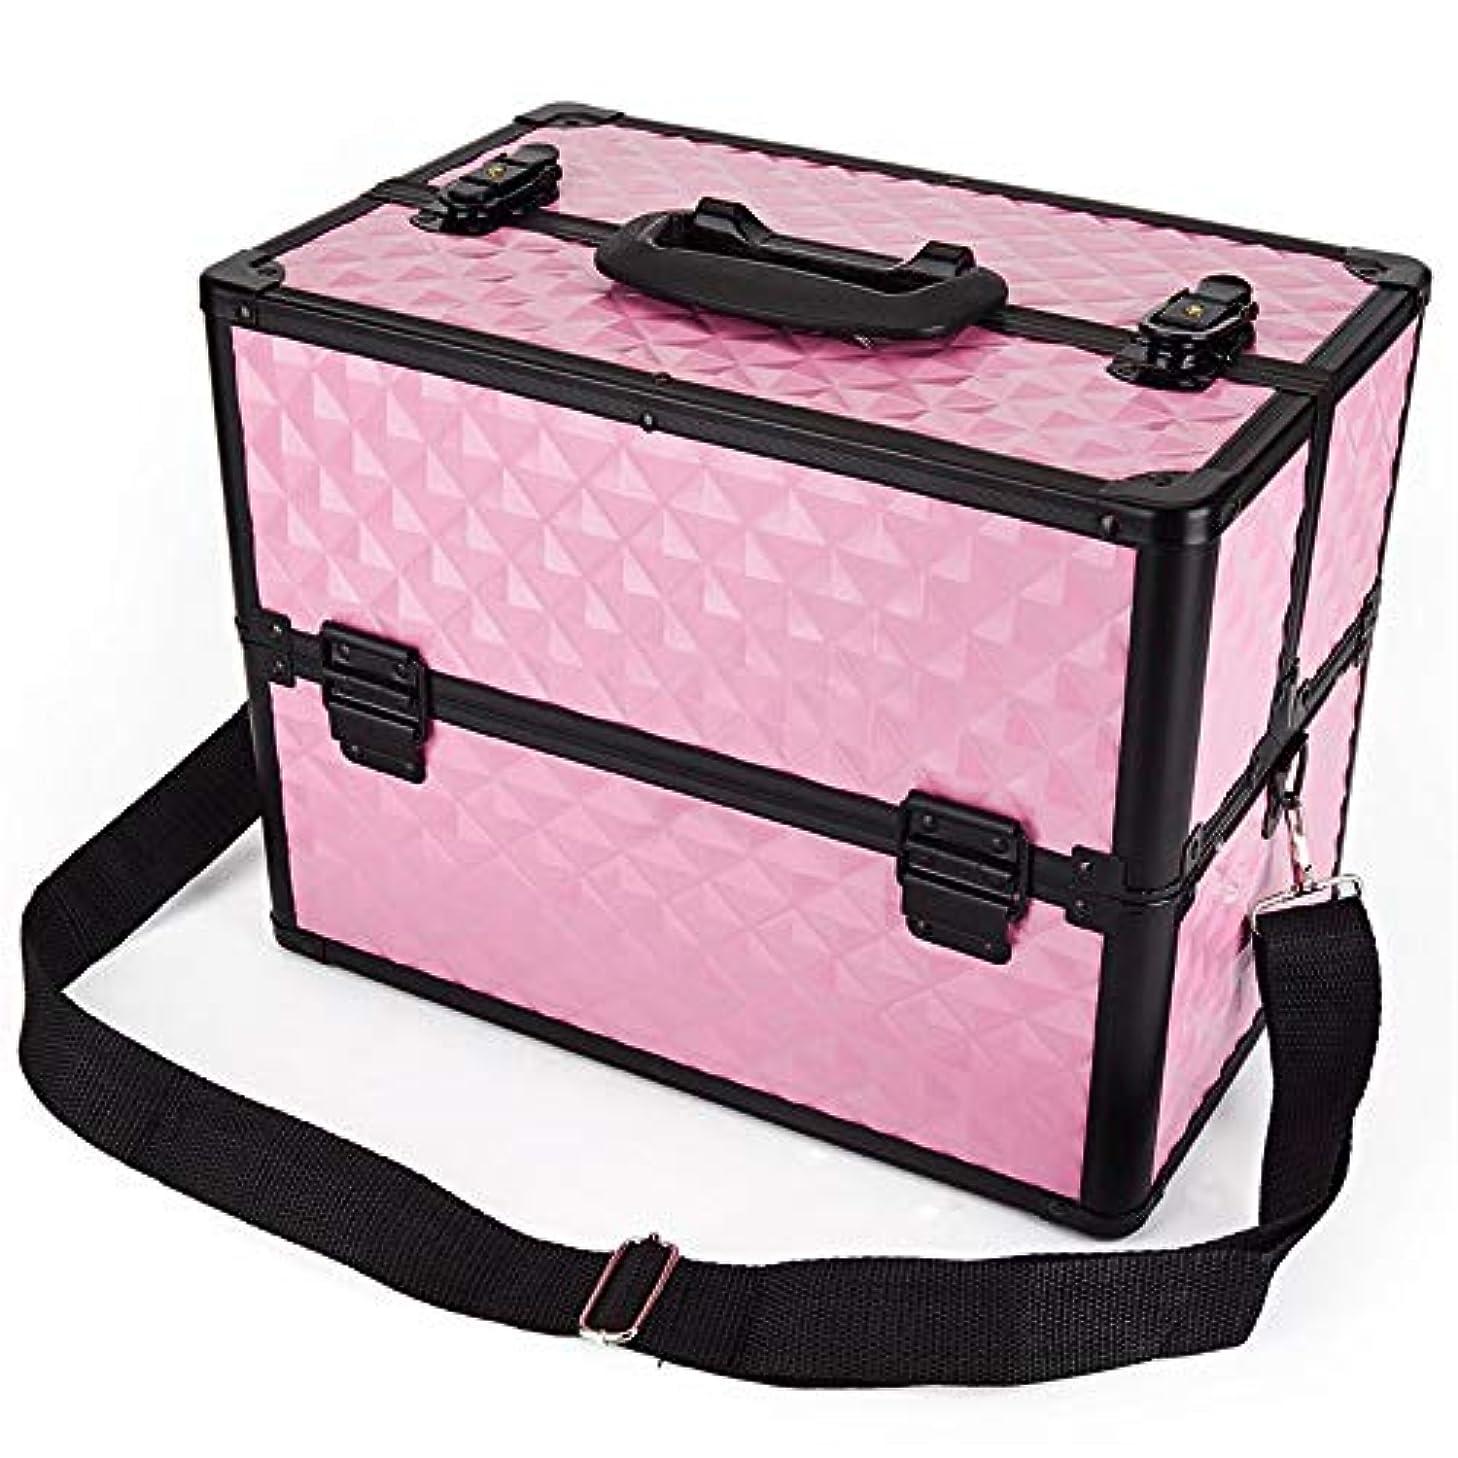 予言する甥アシスタント化粧オーガナイザーバッグ 多機能ポータブルプロの旅行メイクアップバッグパターンメイクアップアーティストケーストレインボックス化粧品オーガナイザー収納用十代の女の子女性アーティスト 化粧品ケース (色 : ピンク)